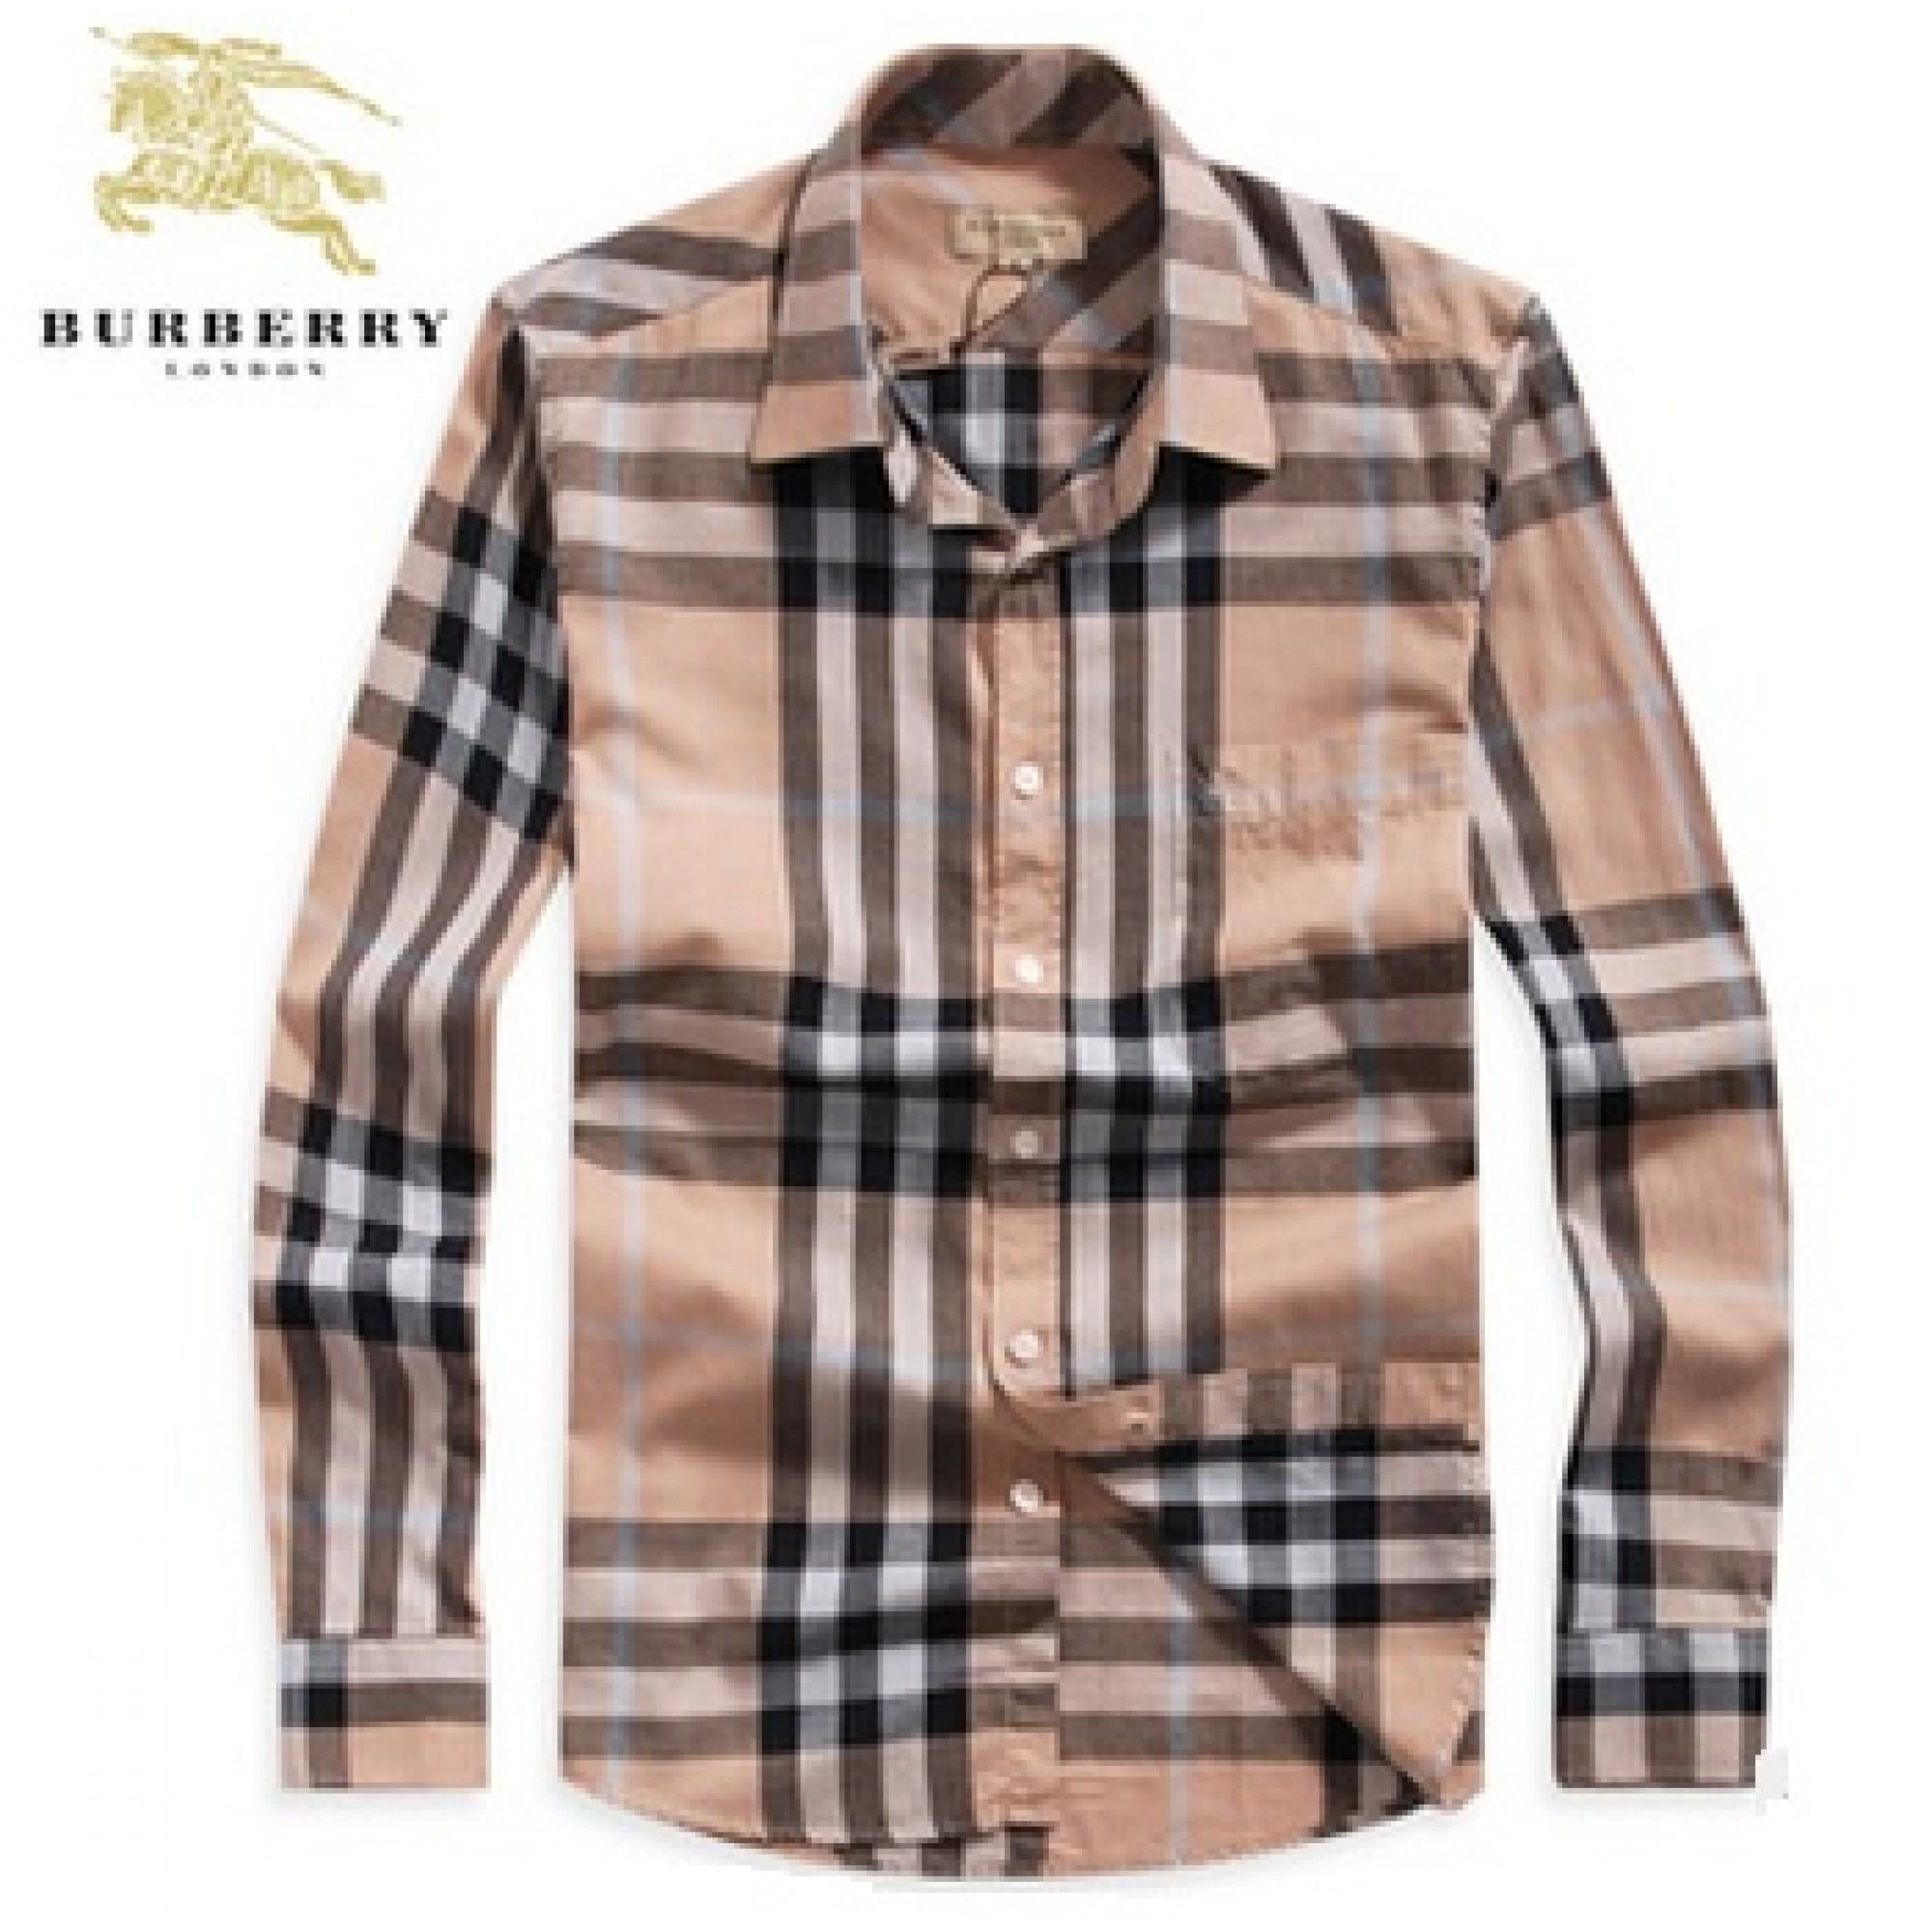 Купить мужская рубашка бежевая от Burberry — в Киеве, код товара 7339 5c063e6fffd